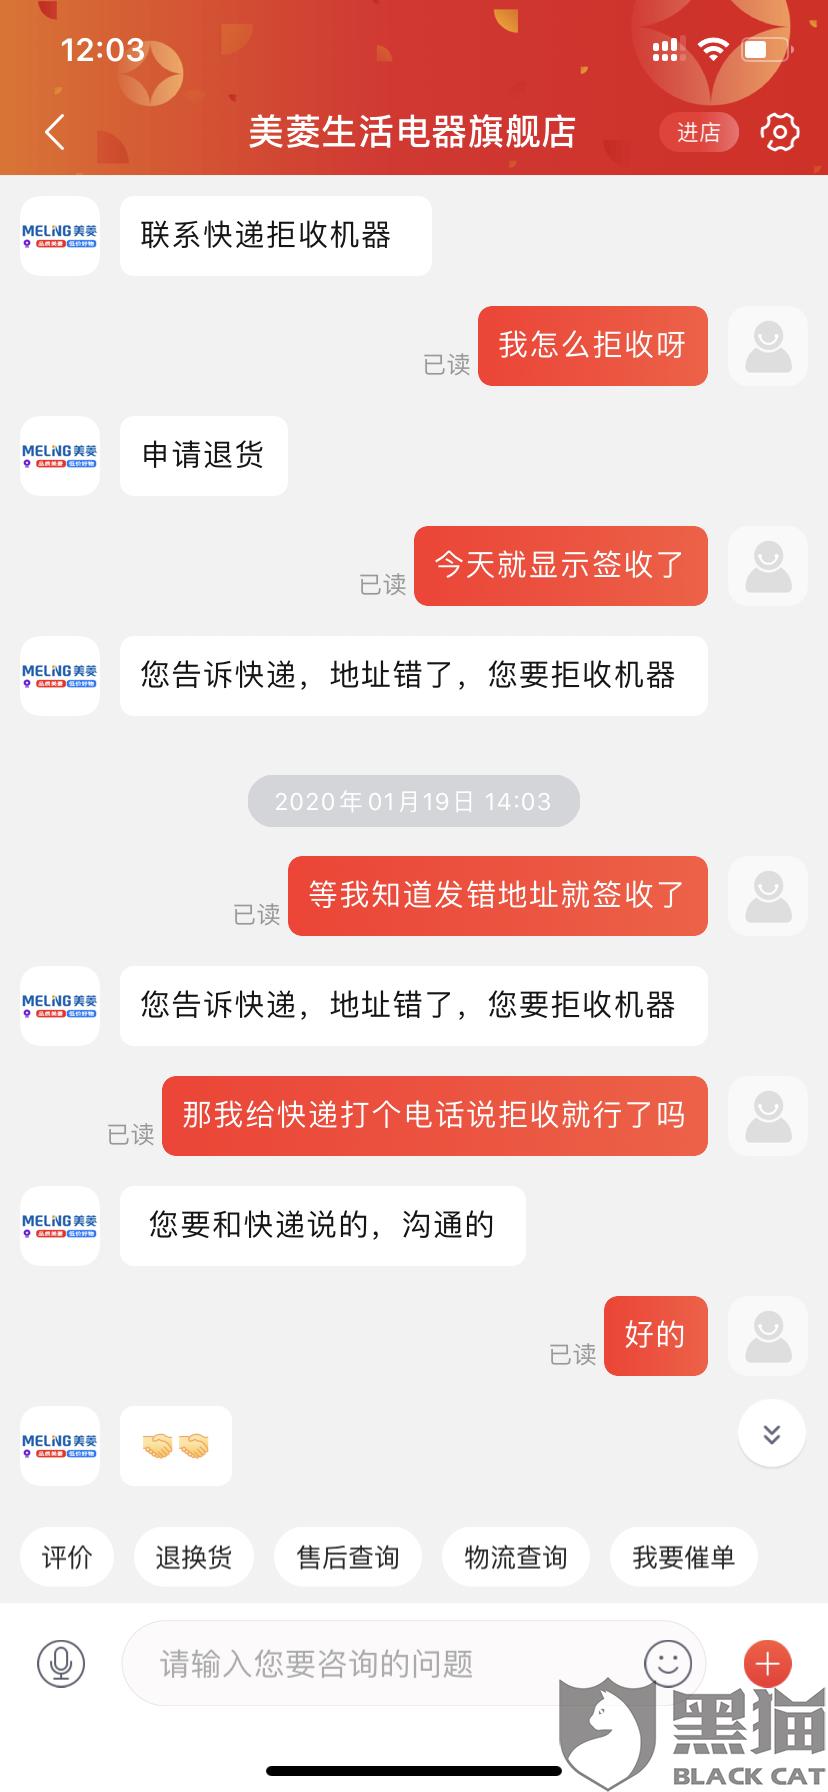 深圳市飞马物流国际有限公司